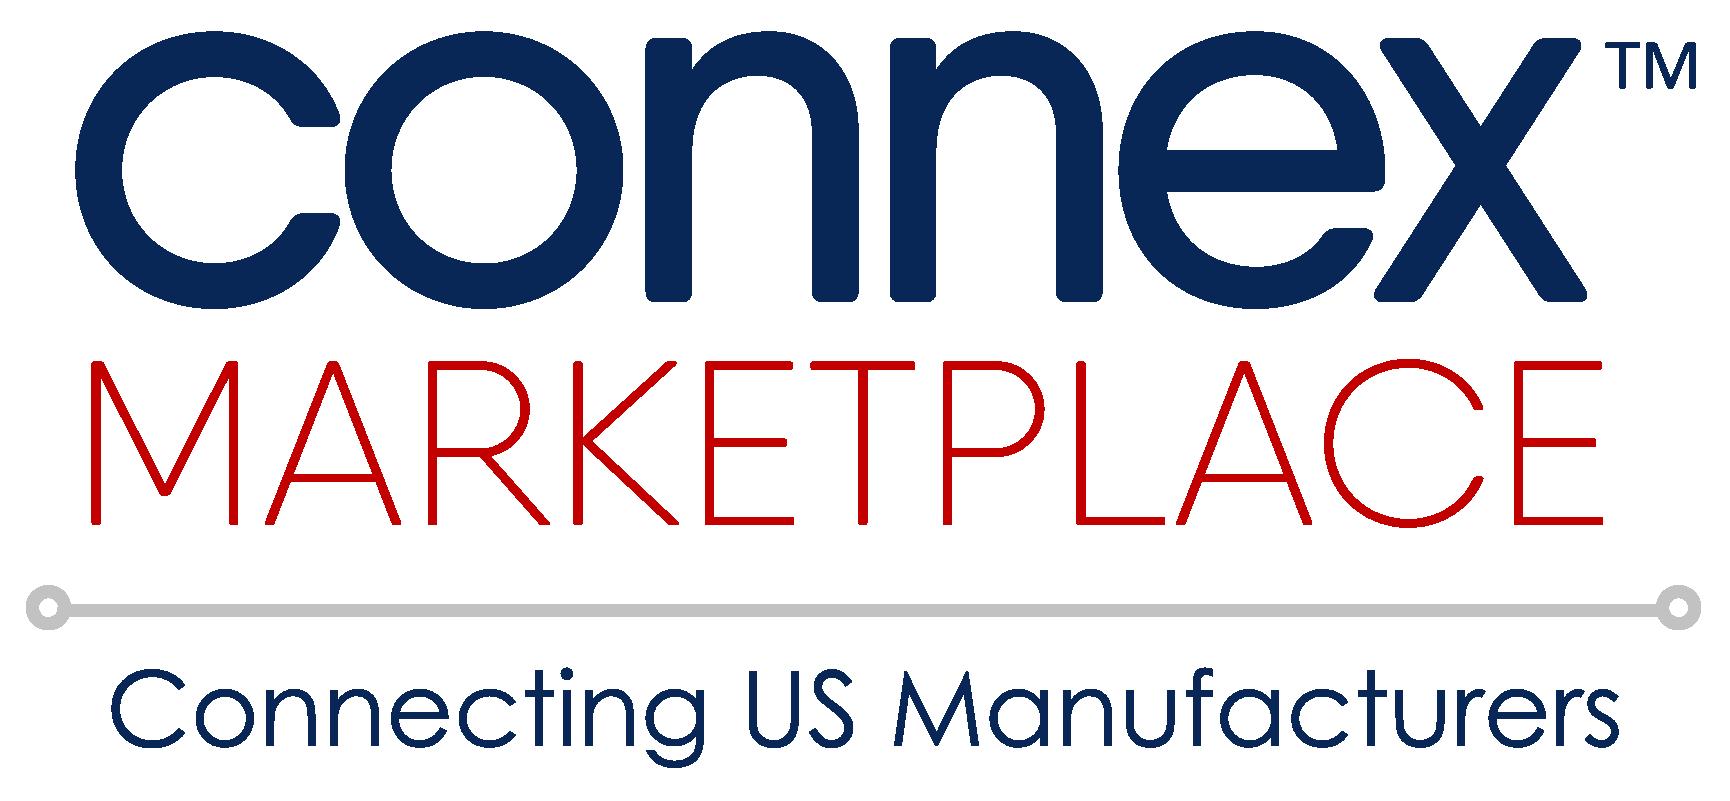 CONNEX Marketplace